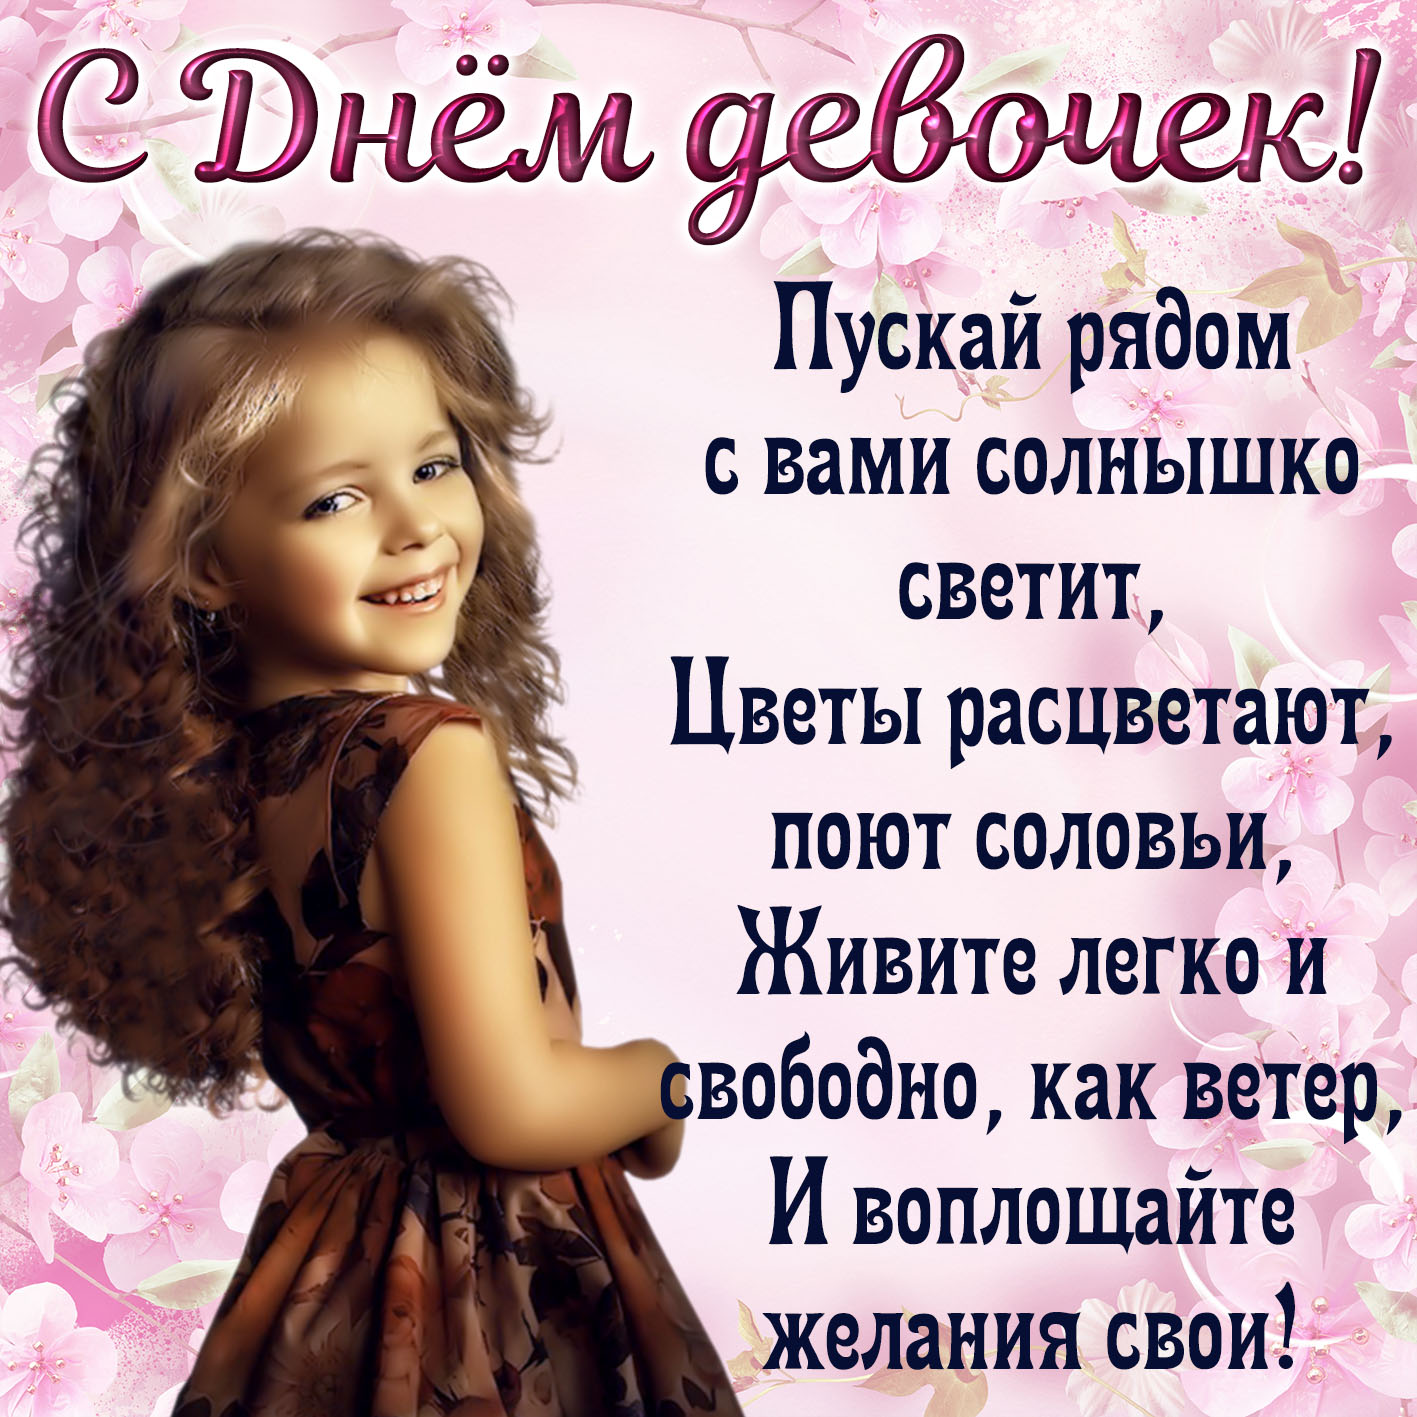 Открытка на День девочек с приятным пожеланием